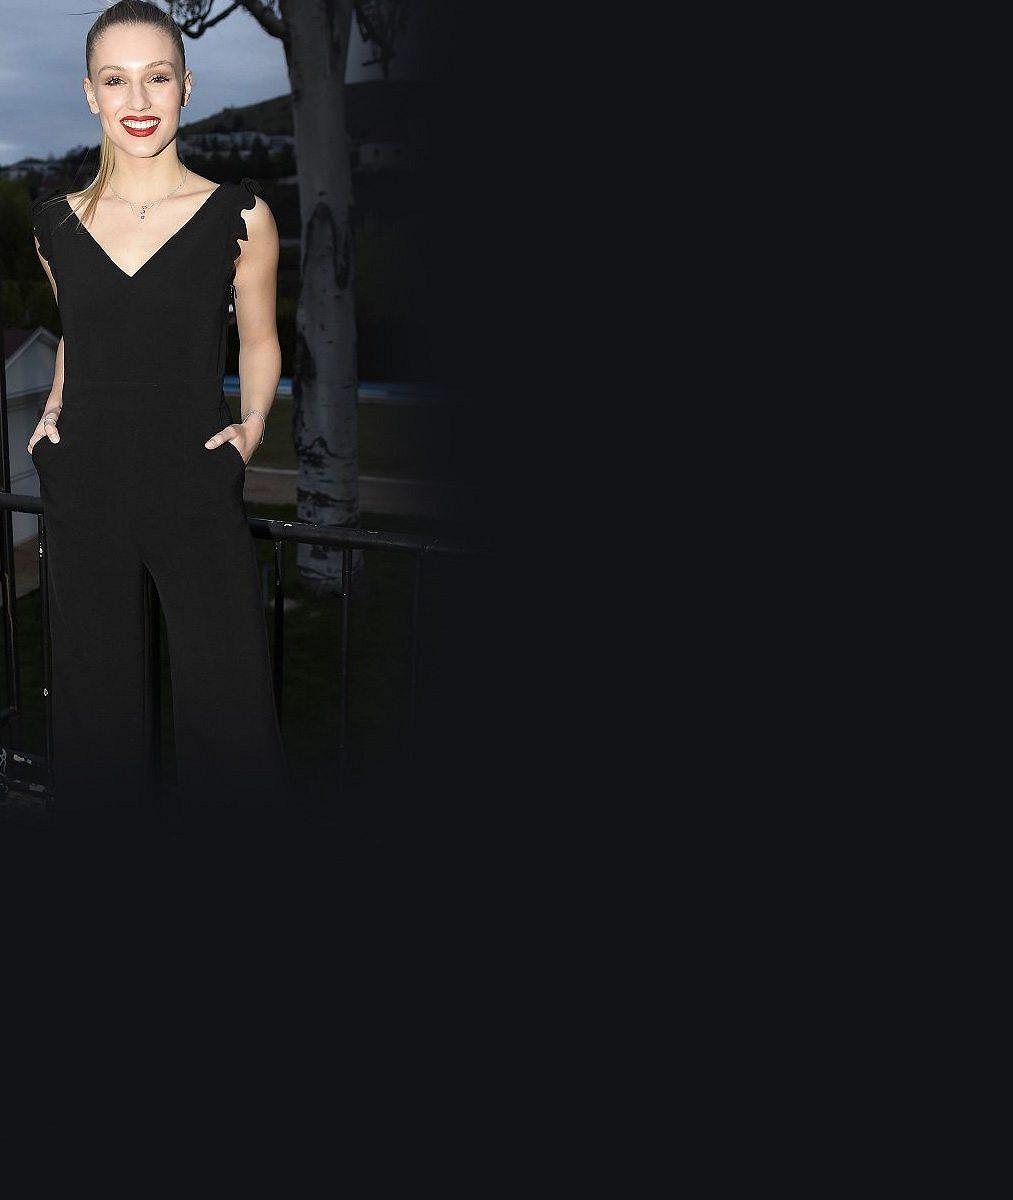 Wow! Loňská Česká Miss World šokovala nejen odvážnými šaty, ale také účesem, ve kterém ji nikdo nepoznal